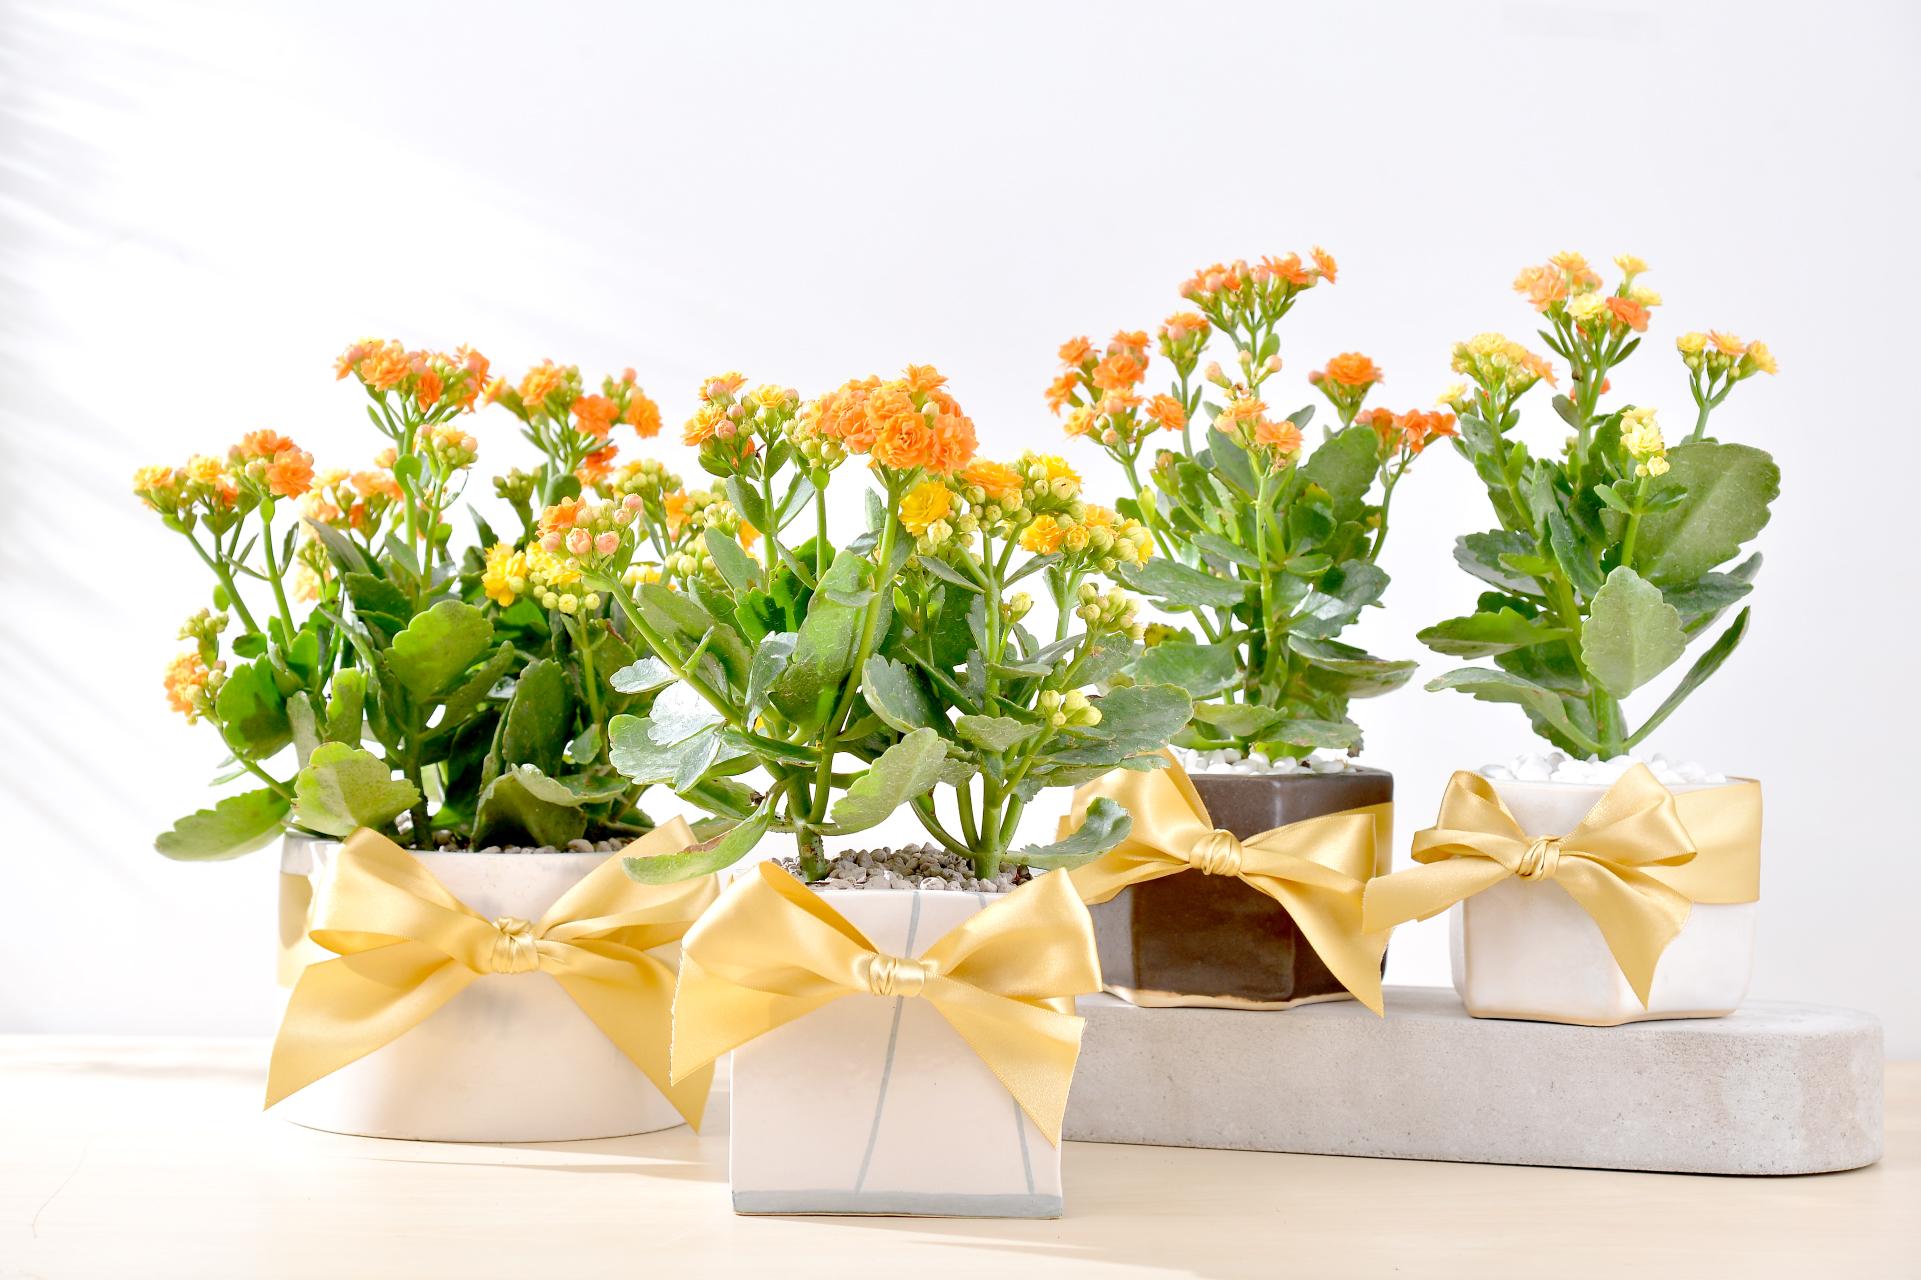 長壽花盆栽組合,不論是搭配水泥盆、陶盆、瓷器都相當適合送禮,開幕盆栽組